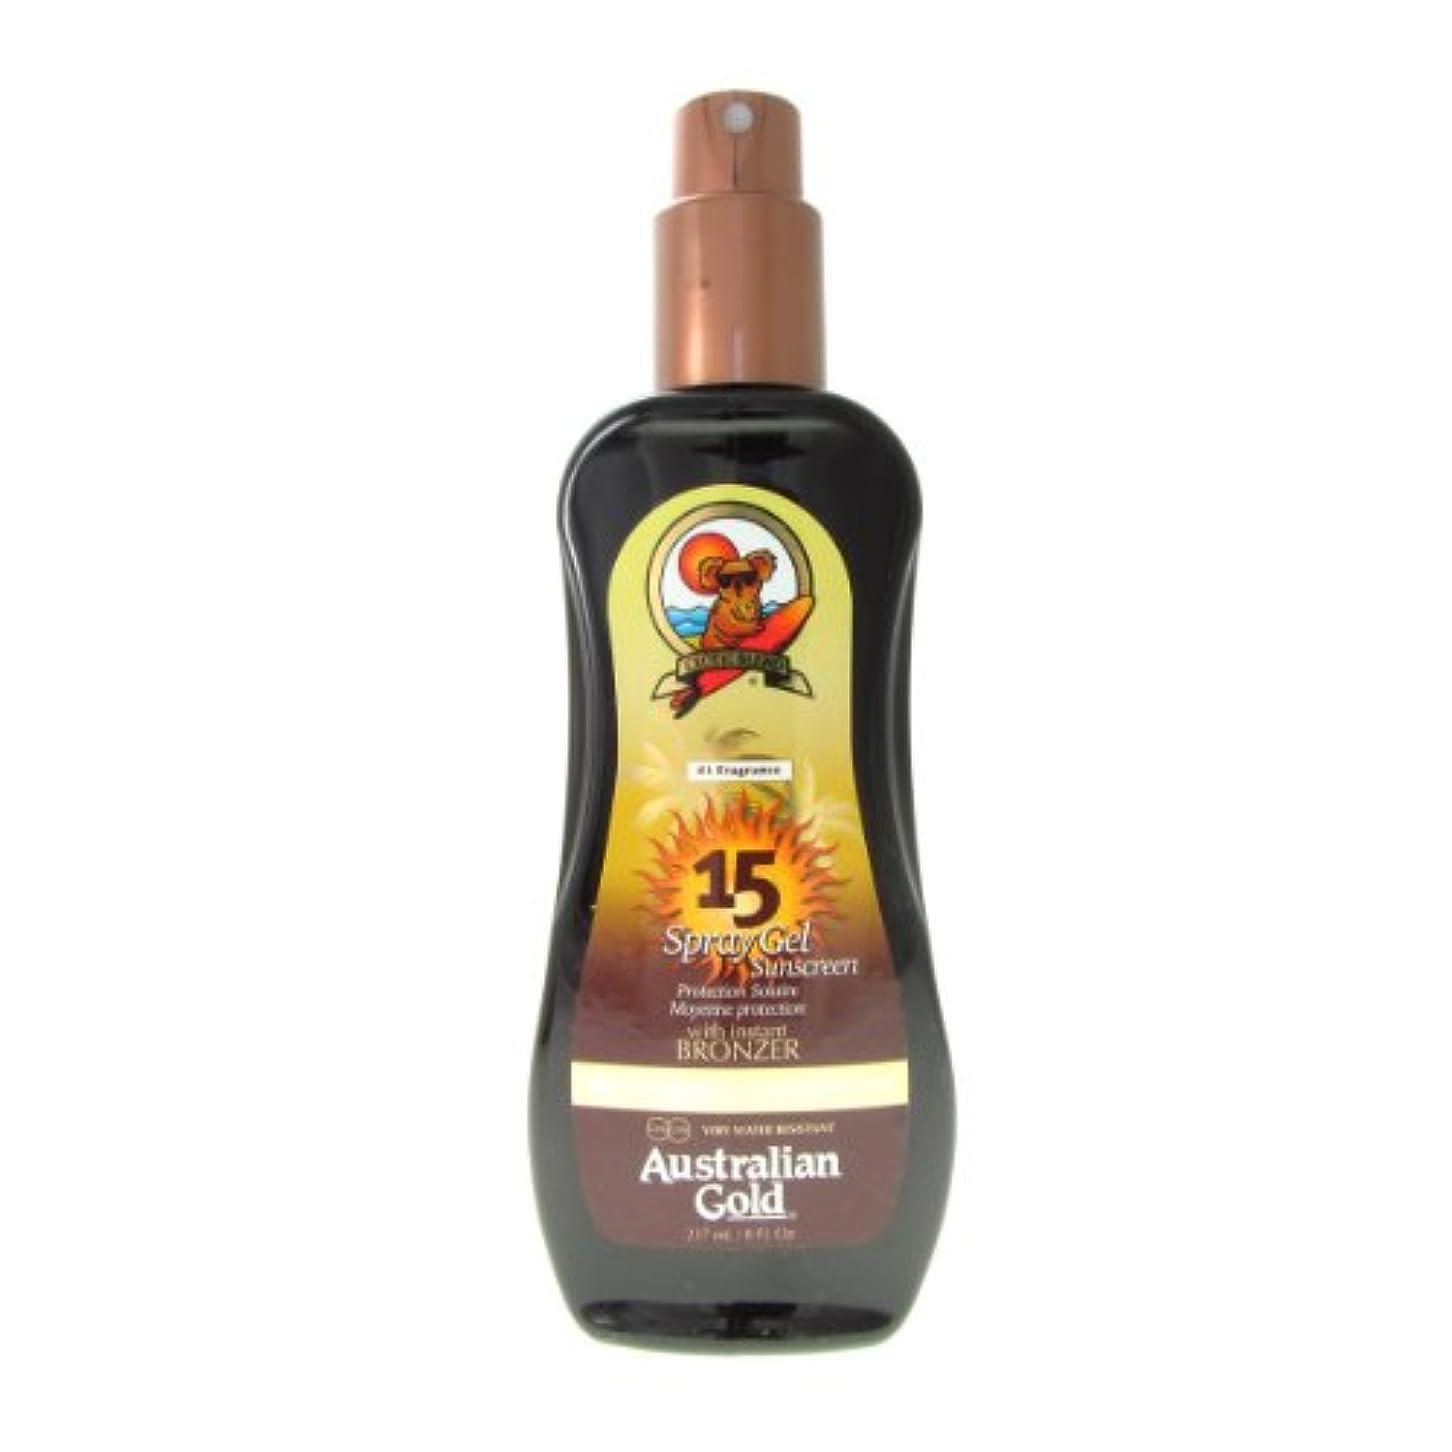 コミュニケーションミュートガイダンスAustralian Gold Spray Gel Spf15 Instant Bronzer 237ml [並行輸入品]